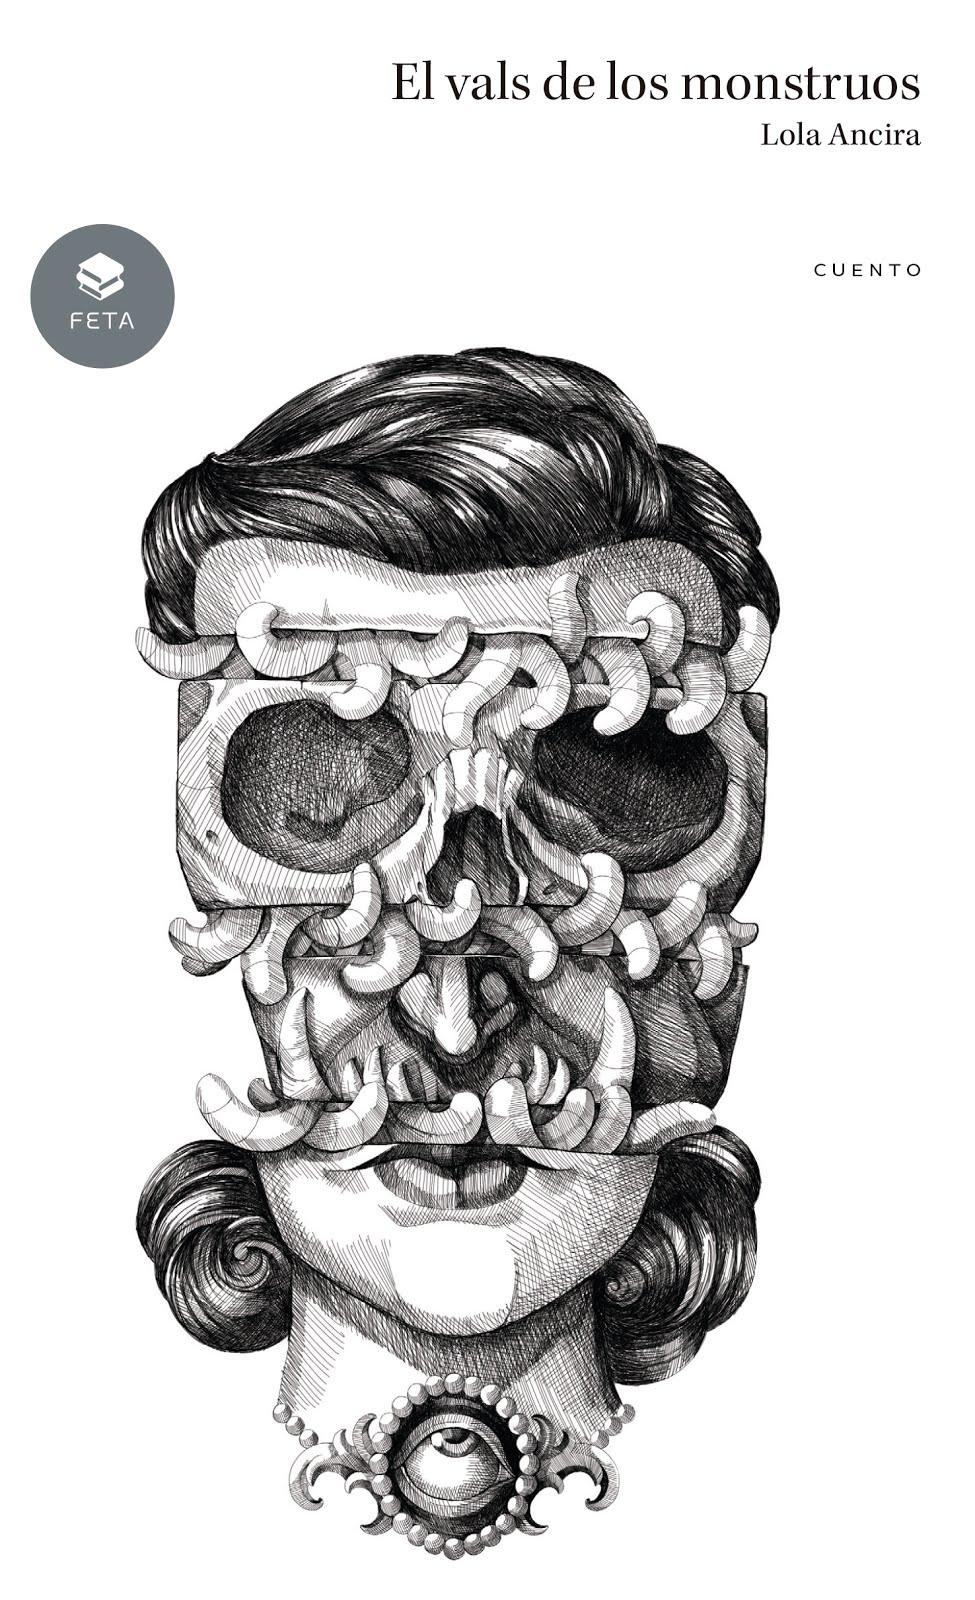 El vals de los monstruos (FETA, 2018)